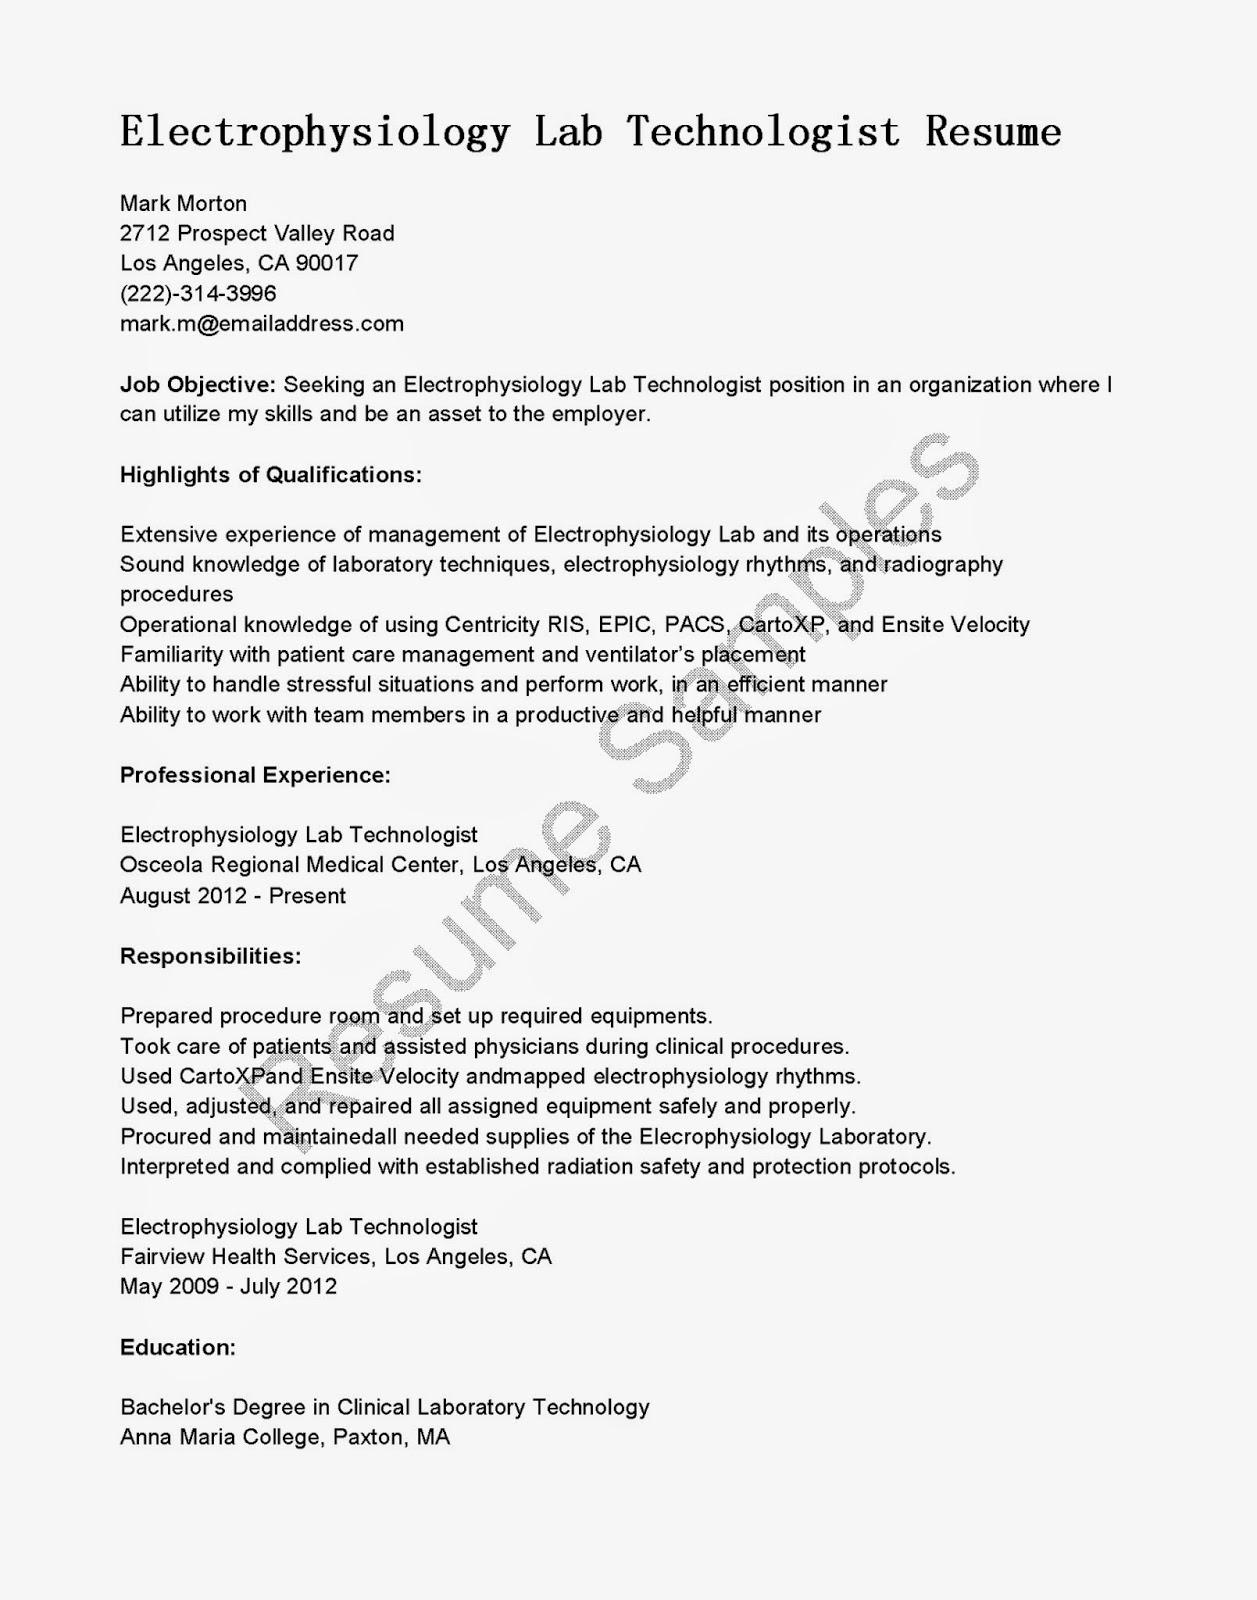 resume samples electrophysiology lab technologist resume